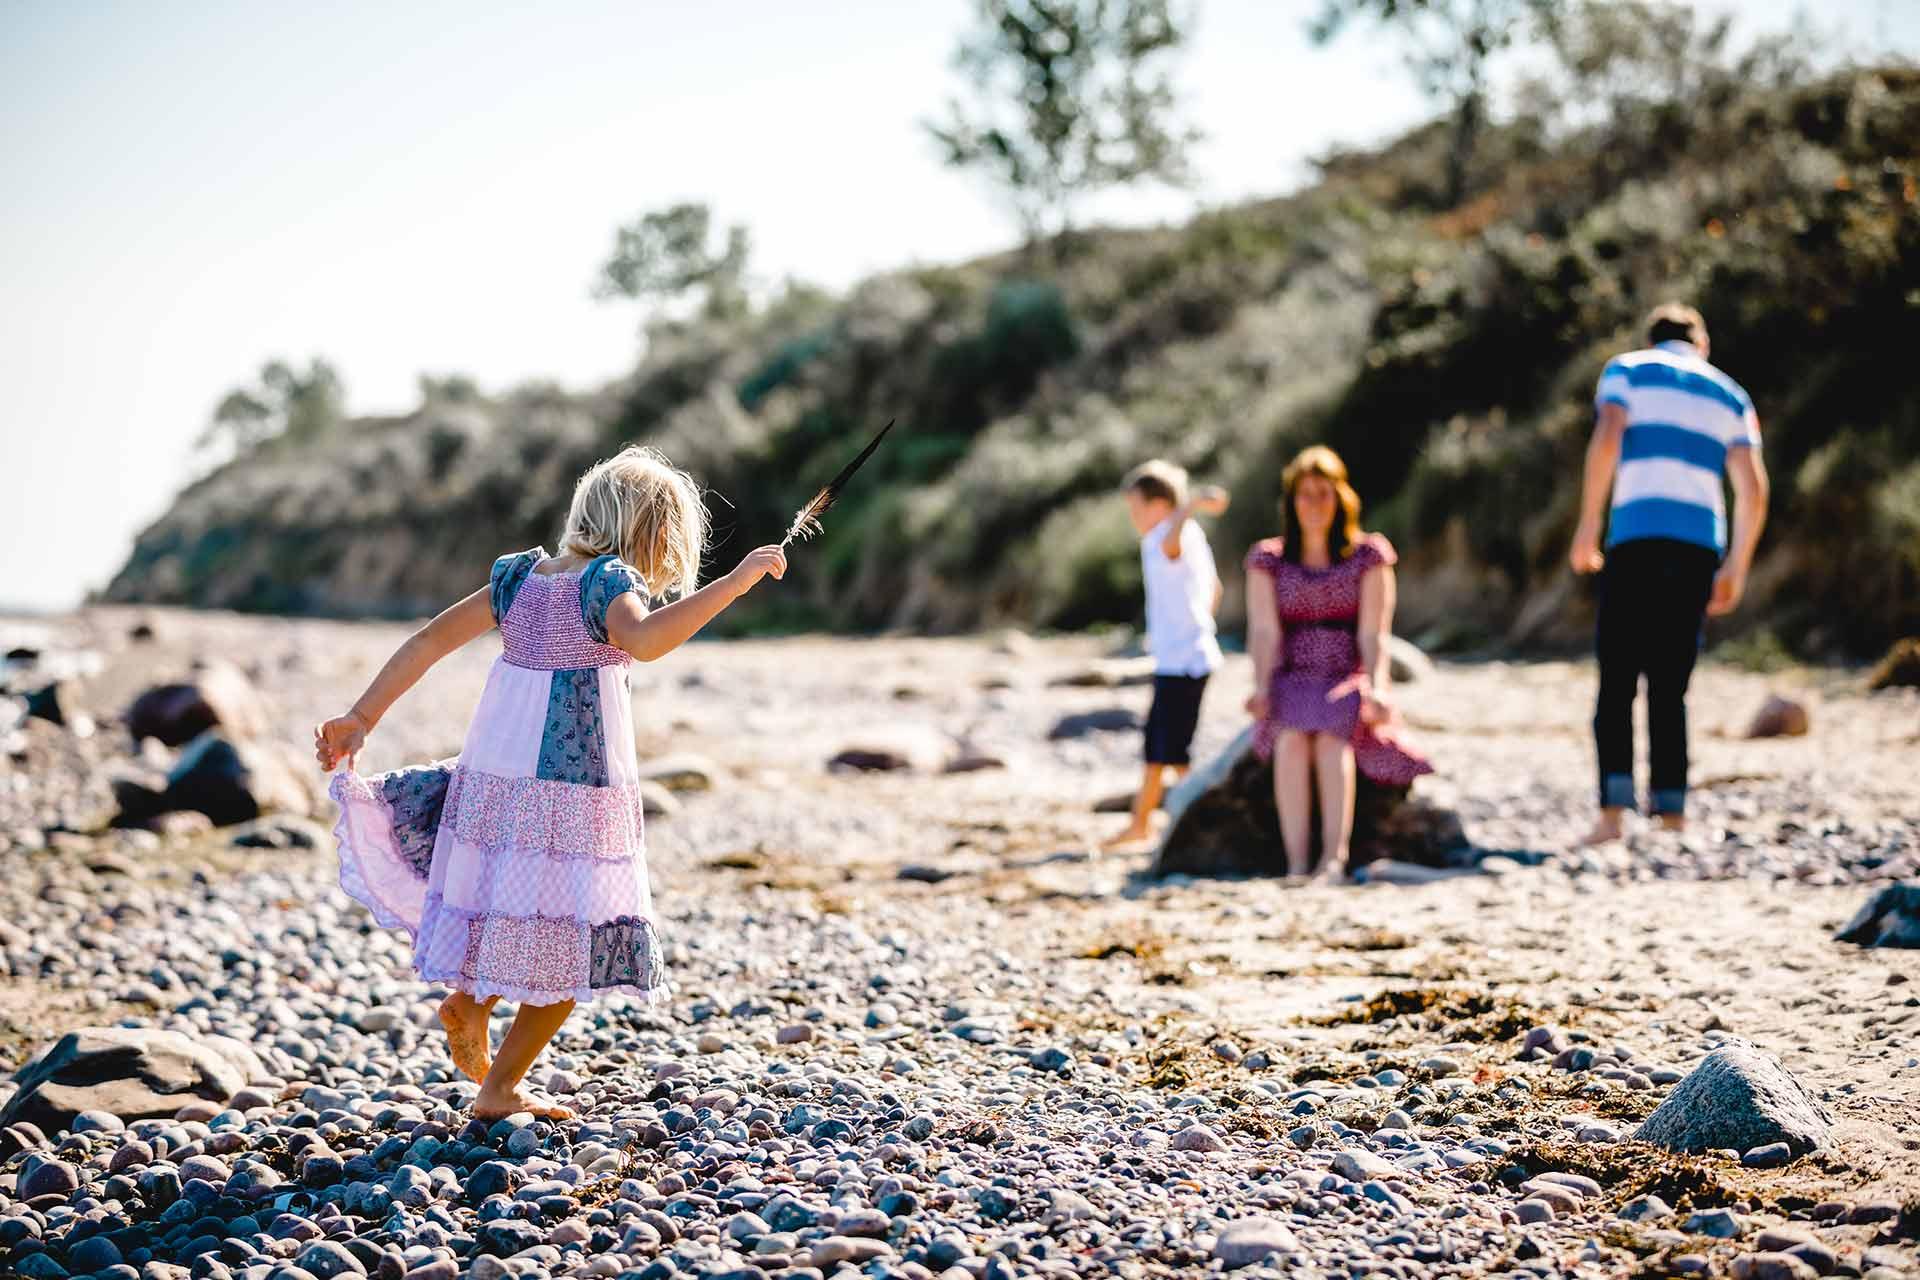 Kind-mit-Vogelfeder-in-der-Hand-Shooting-am-Strand-Familienfotografie-Fotograf-Rostock - Familienshooting